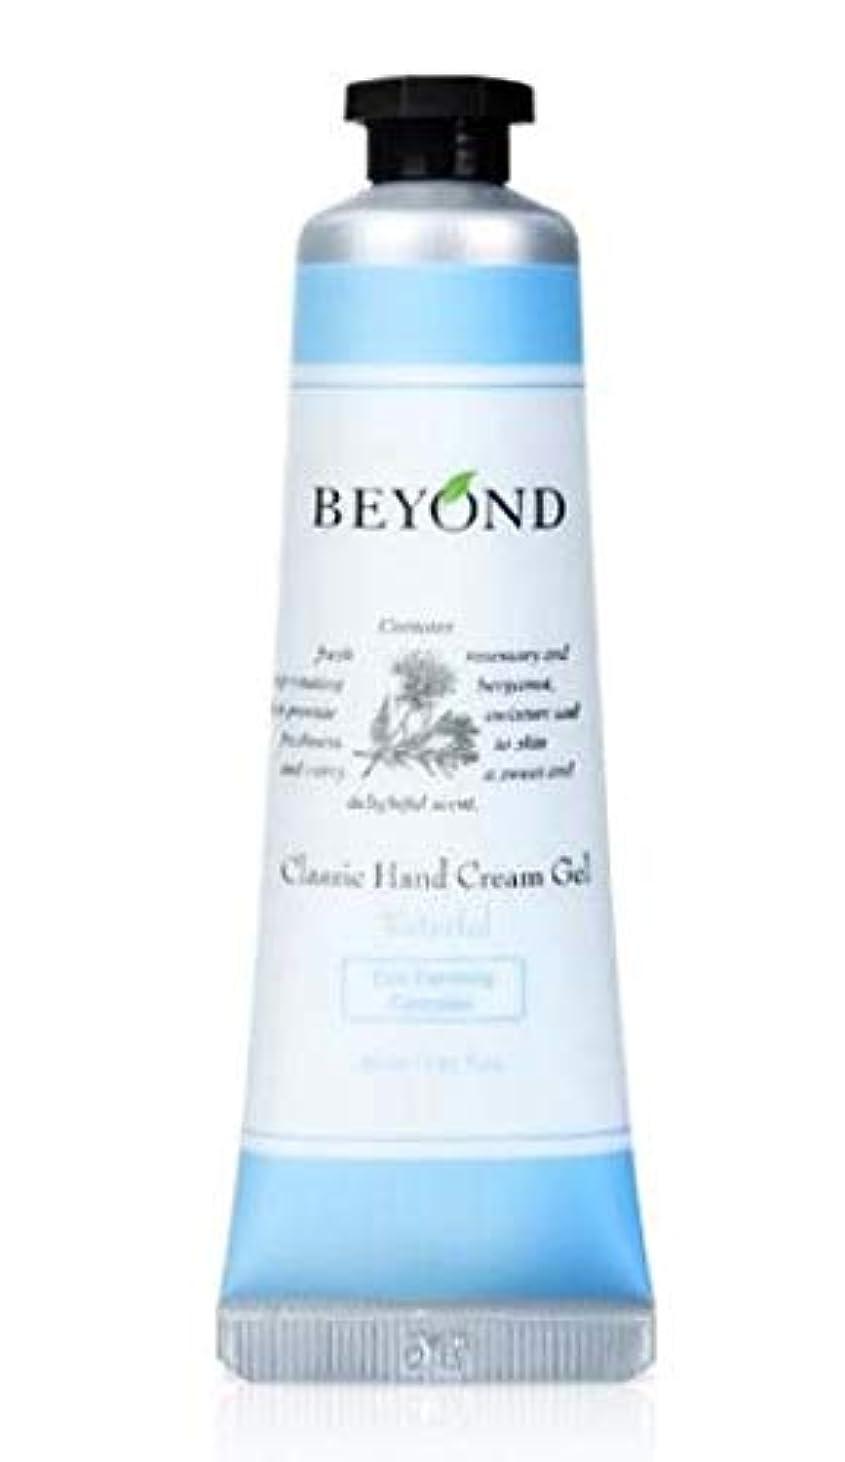 思いやり否定する環境に優しい[ビヨンド] BEYOND [クラシッ クハンドクリーム ジェル - ウォーターフール 30ml] Classic Hand Cream Gel - Waterful 30ml [海外直送品]